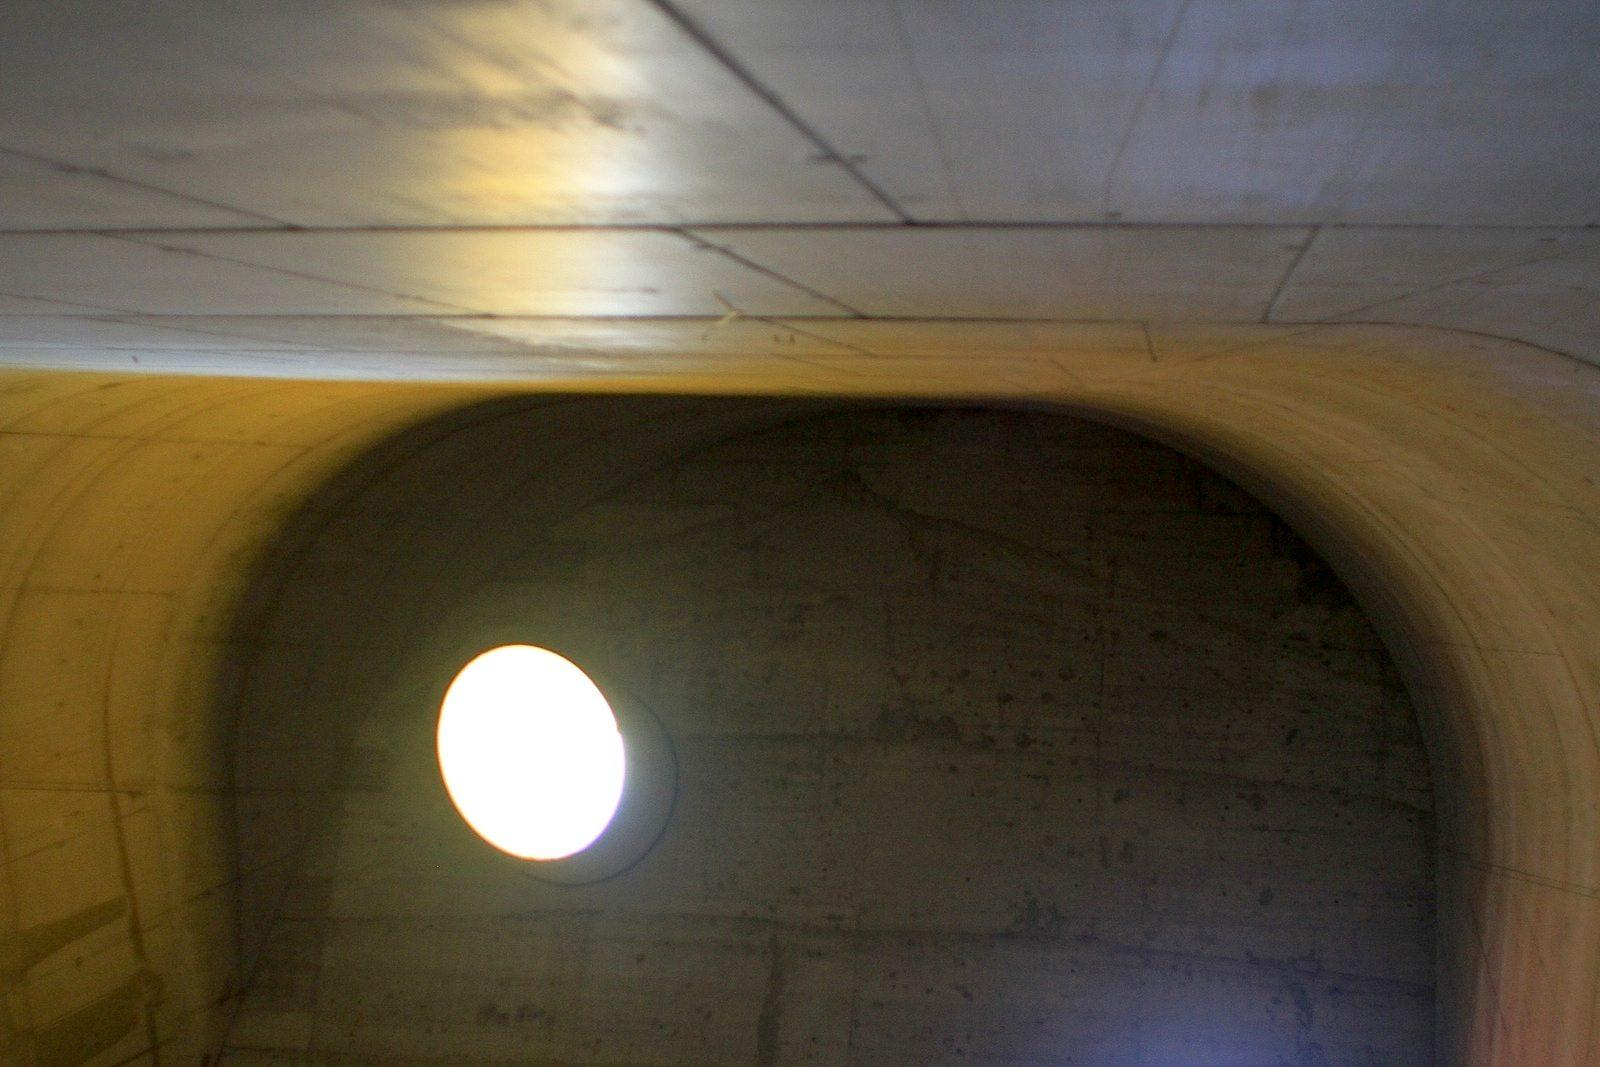 L'église Saint-Pierre. Betreiber, Gralshüter und Vermarkter der Kirche sowie der anderen Le Corbusier-Bauten ist die Site Le Corbusier. Der wichtigste Unterstützer ist der Städteverbund